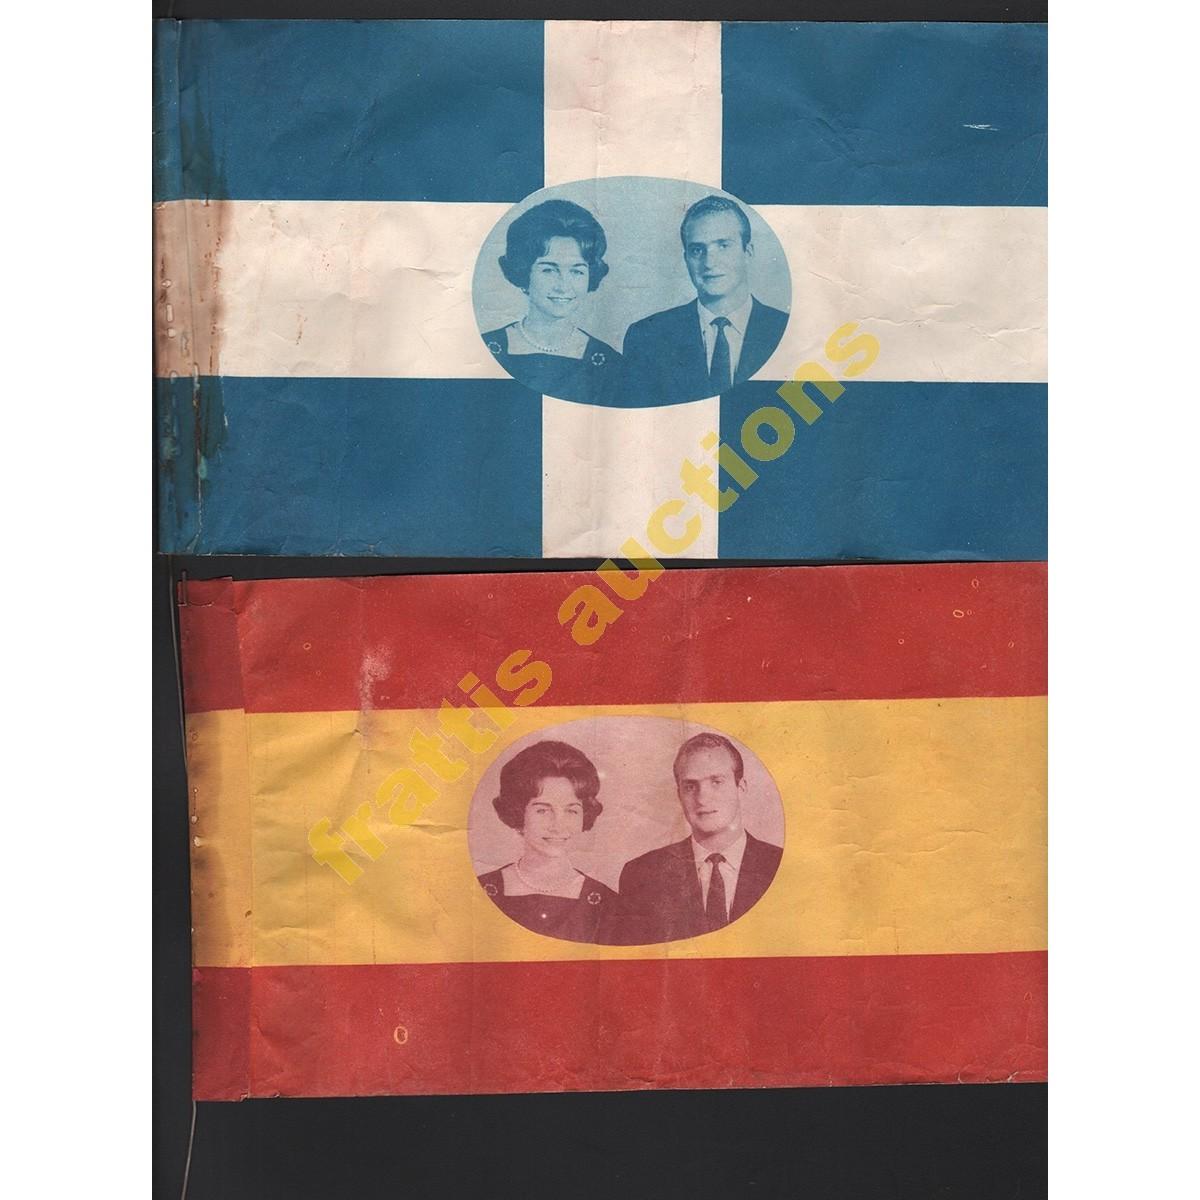 Χουάν Κάρλος-Σοφία Ελλάδας.Ενθύμιον γάμων τους 14/05/1962